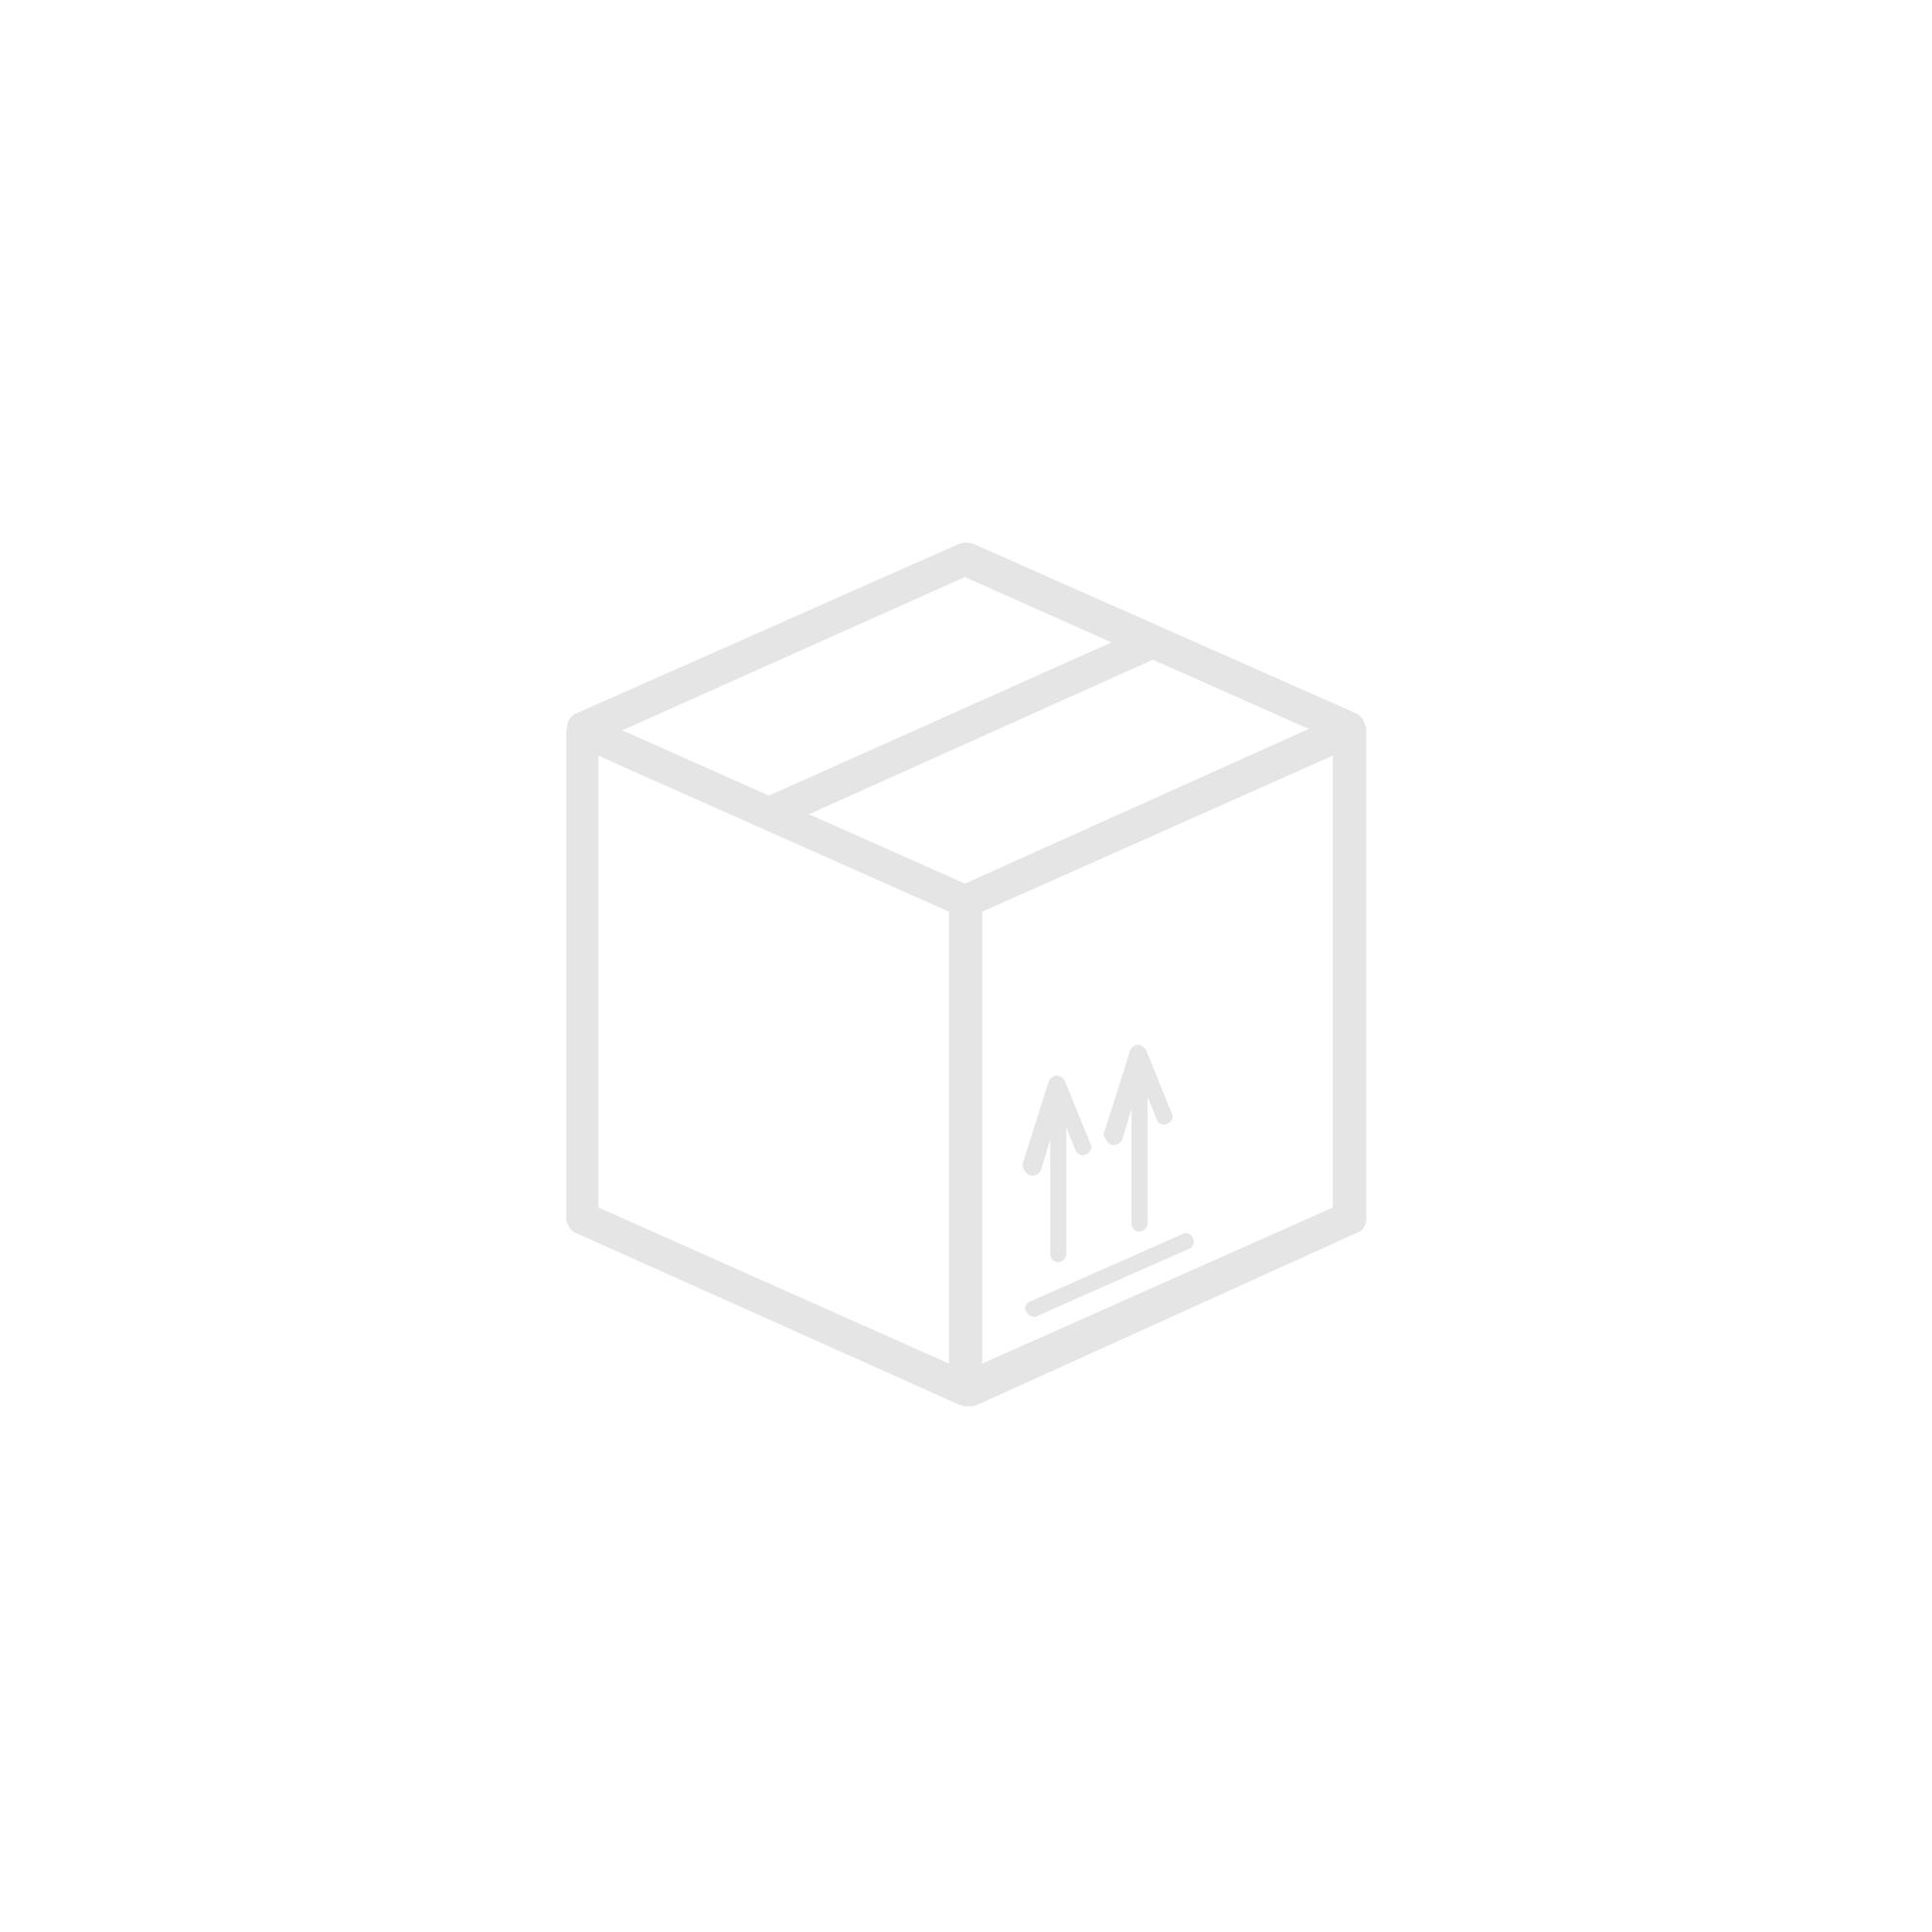 KOPOS Krabice KEZ-3 do zateplení